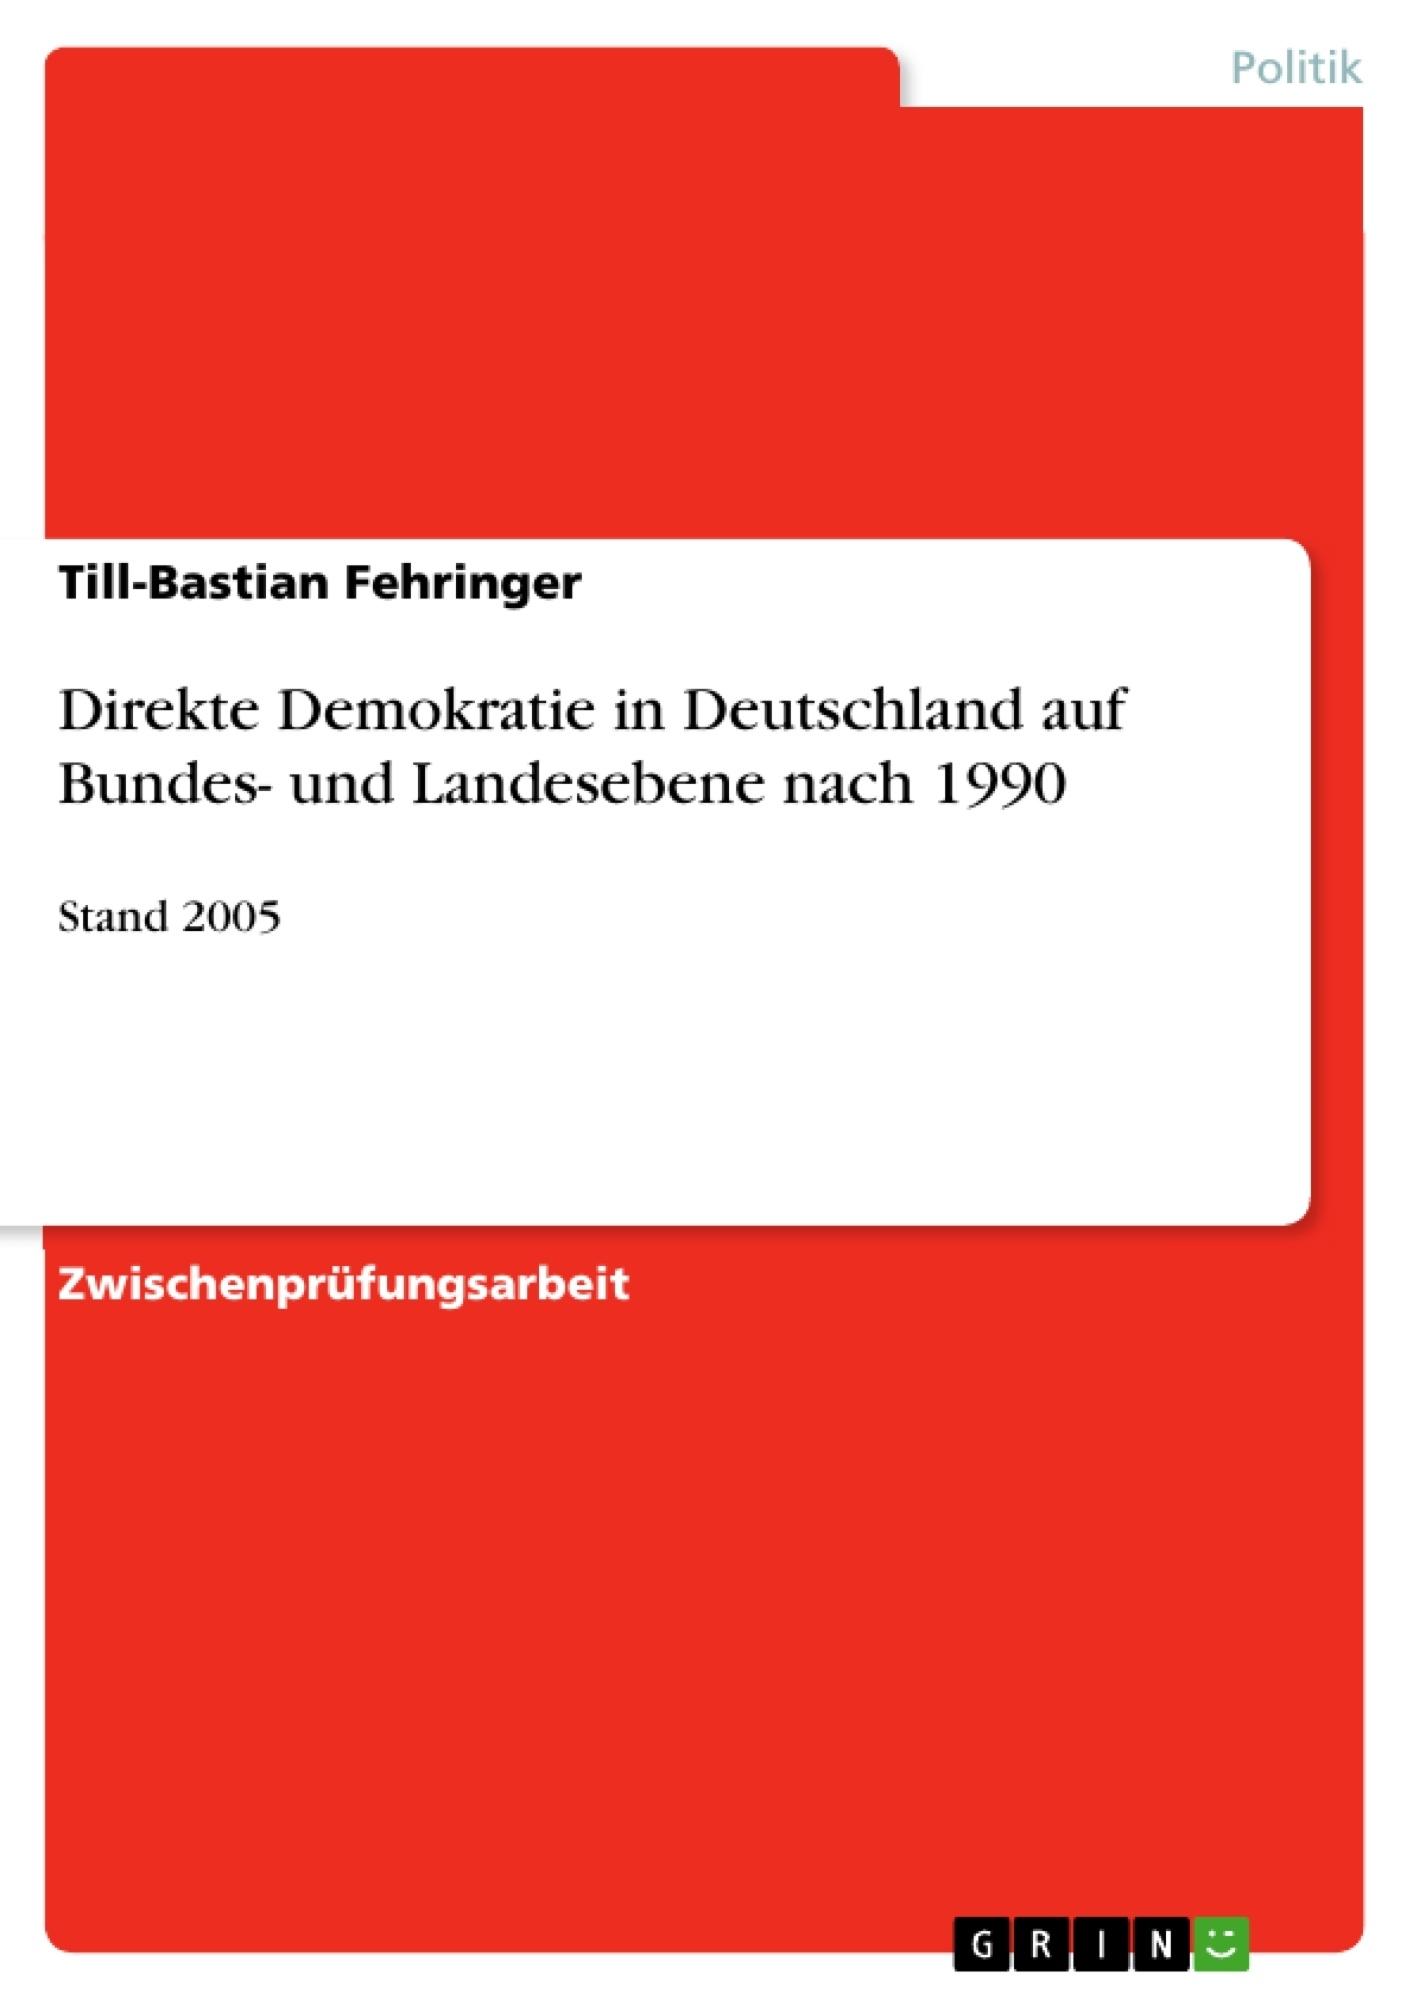 Titel: Direkte Demokratie in Deutschland auf Bundes- und Landesebene nach 1990